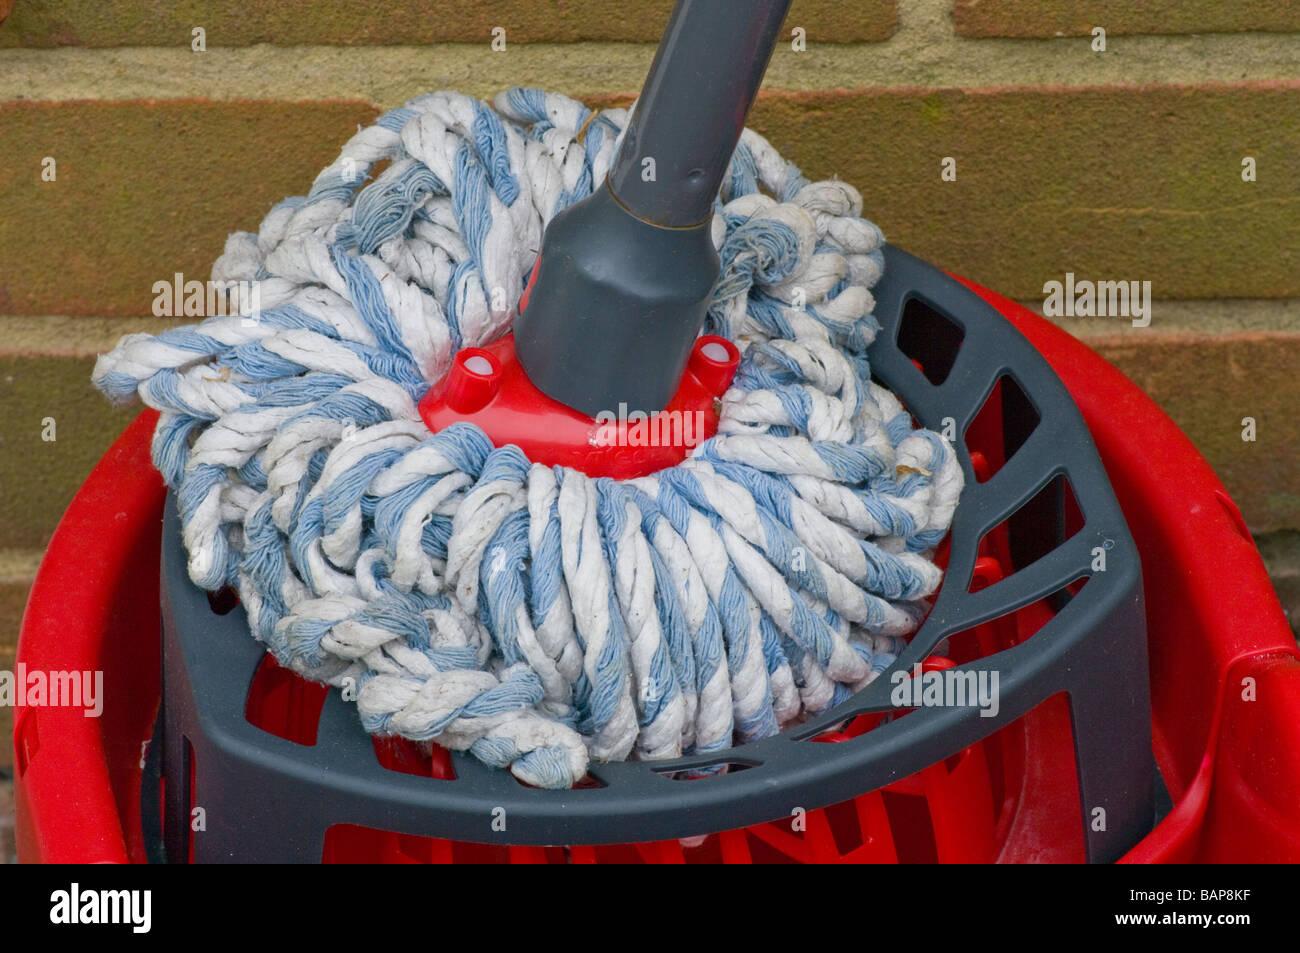 Floor Mop and Red Plastic Bucket - Stock Image